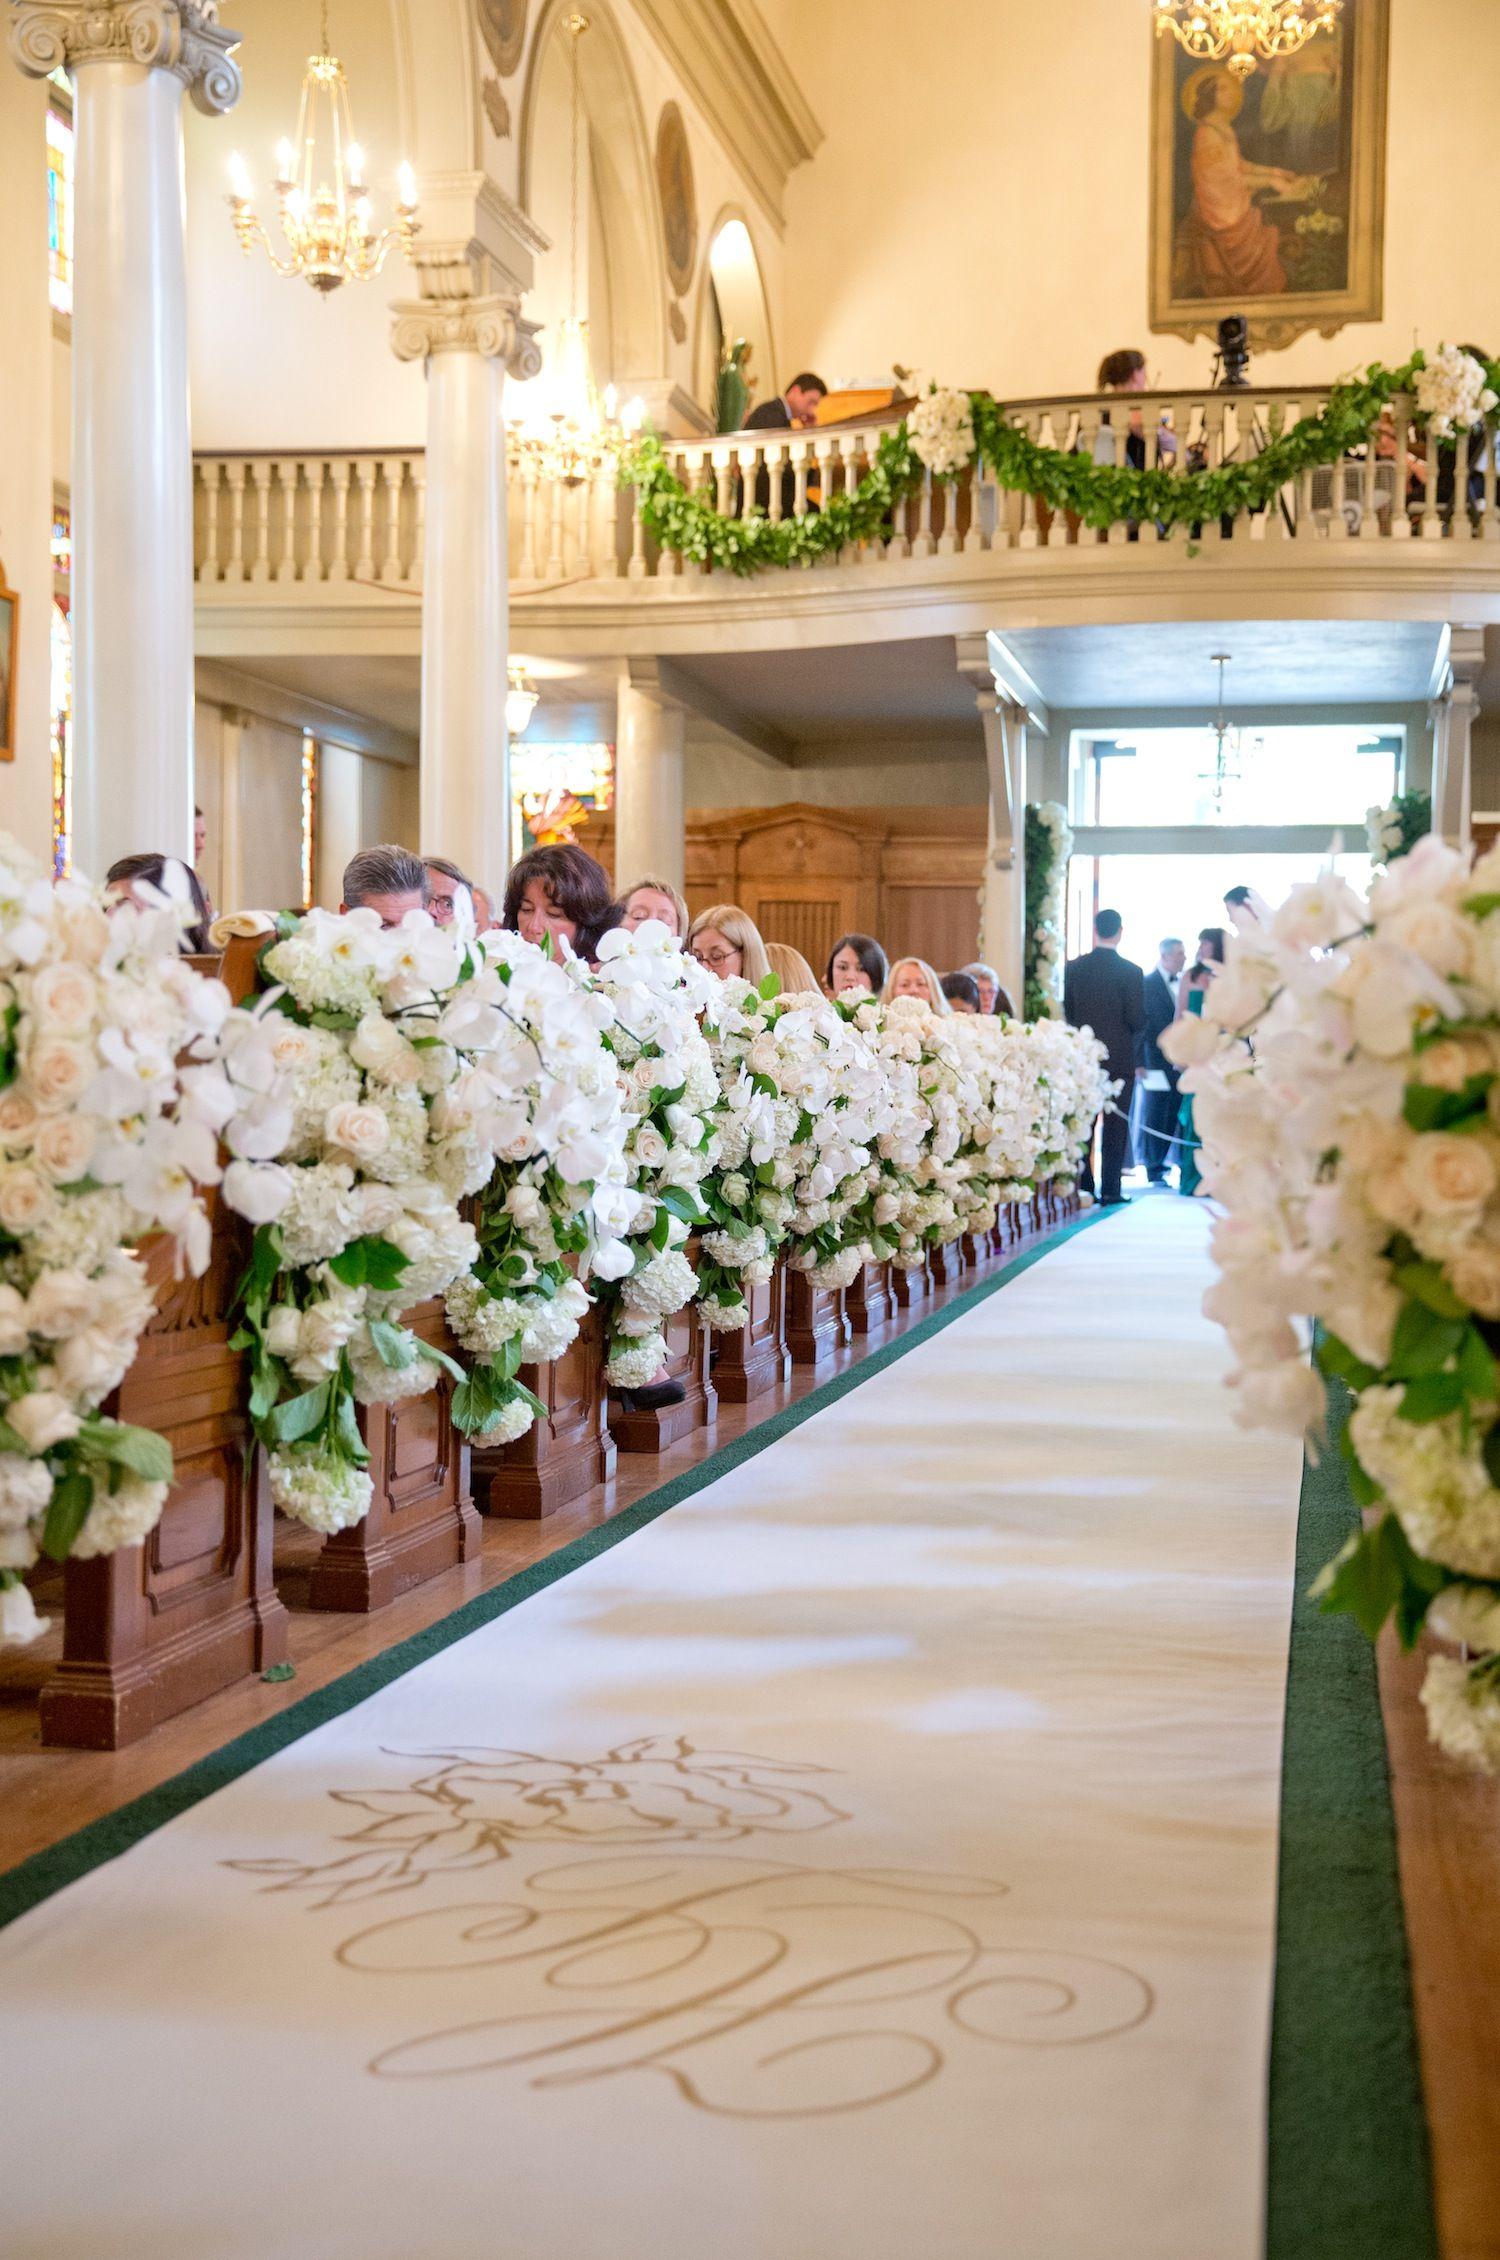 White wedding decoration ideas   Beautiful Décor Ideas for a Church Wedding  Wedding Flowers